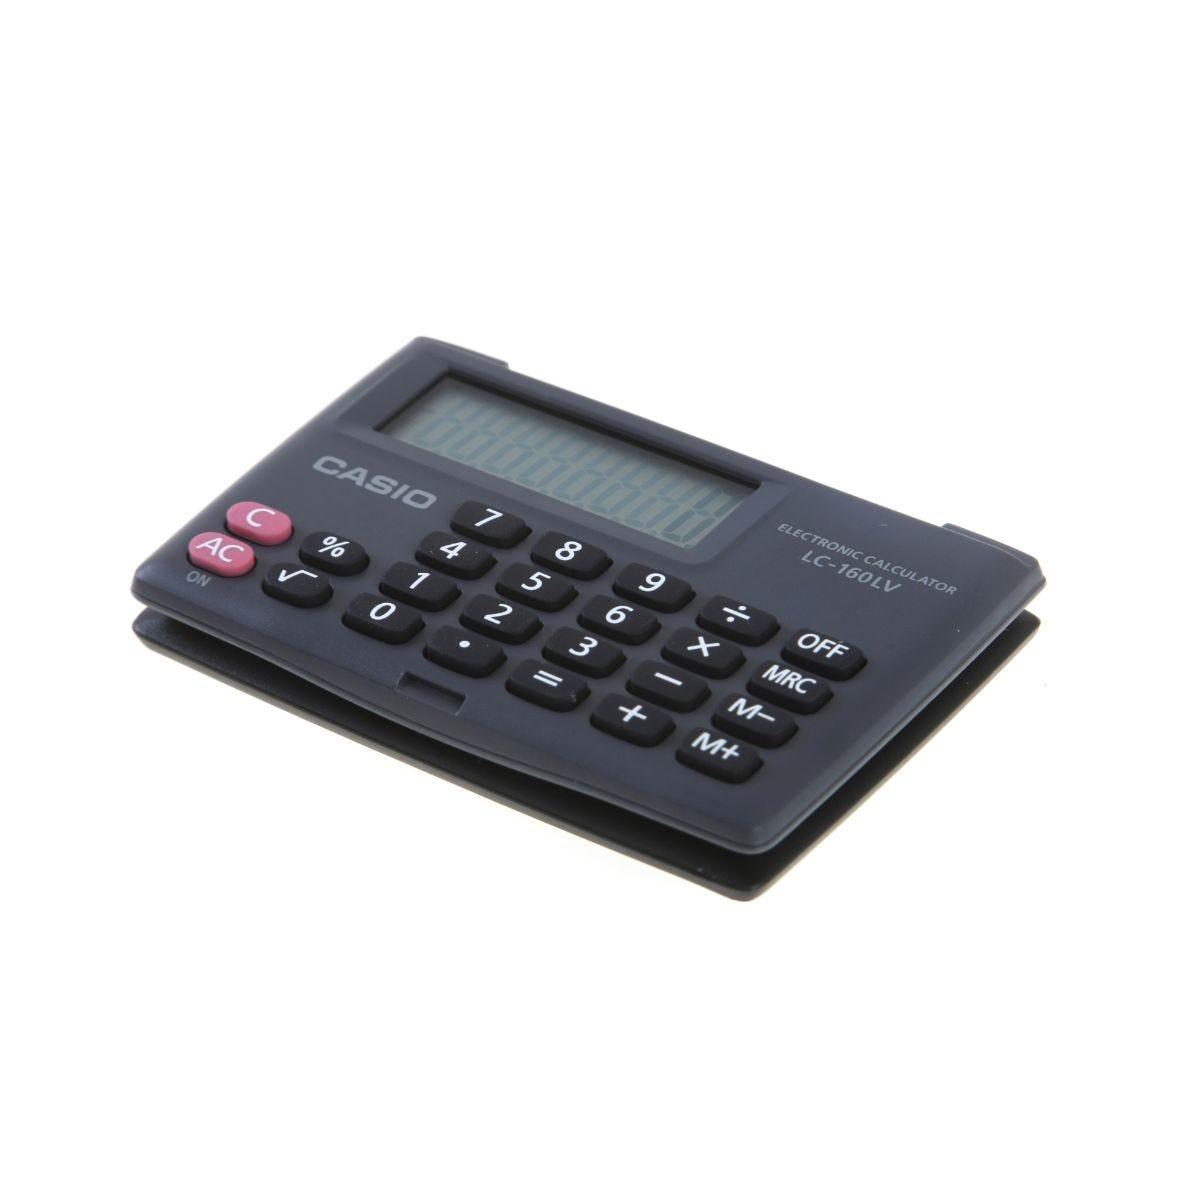 Buy Calculators Scientific Calculator Ryman Kalkulator Casio Portable Printer Hr 8 Tm